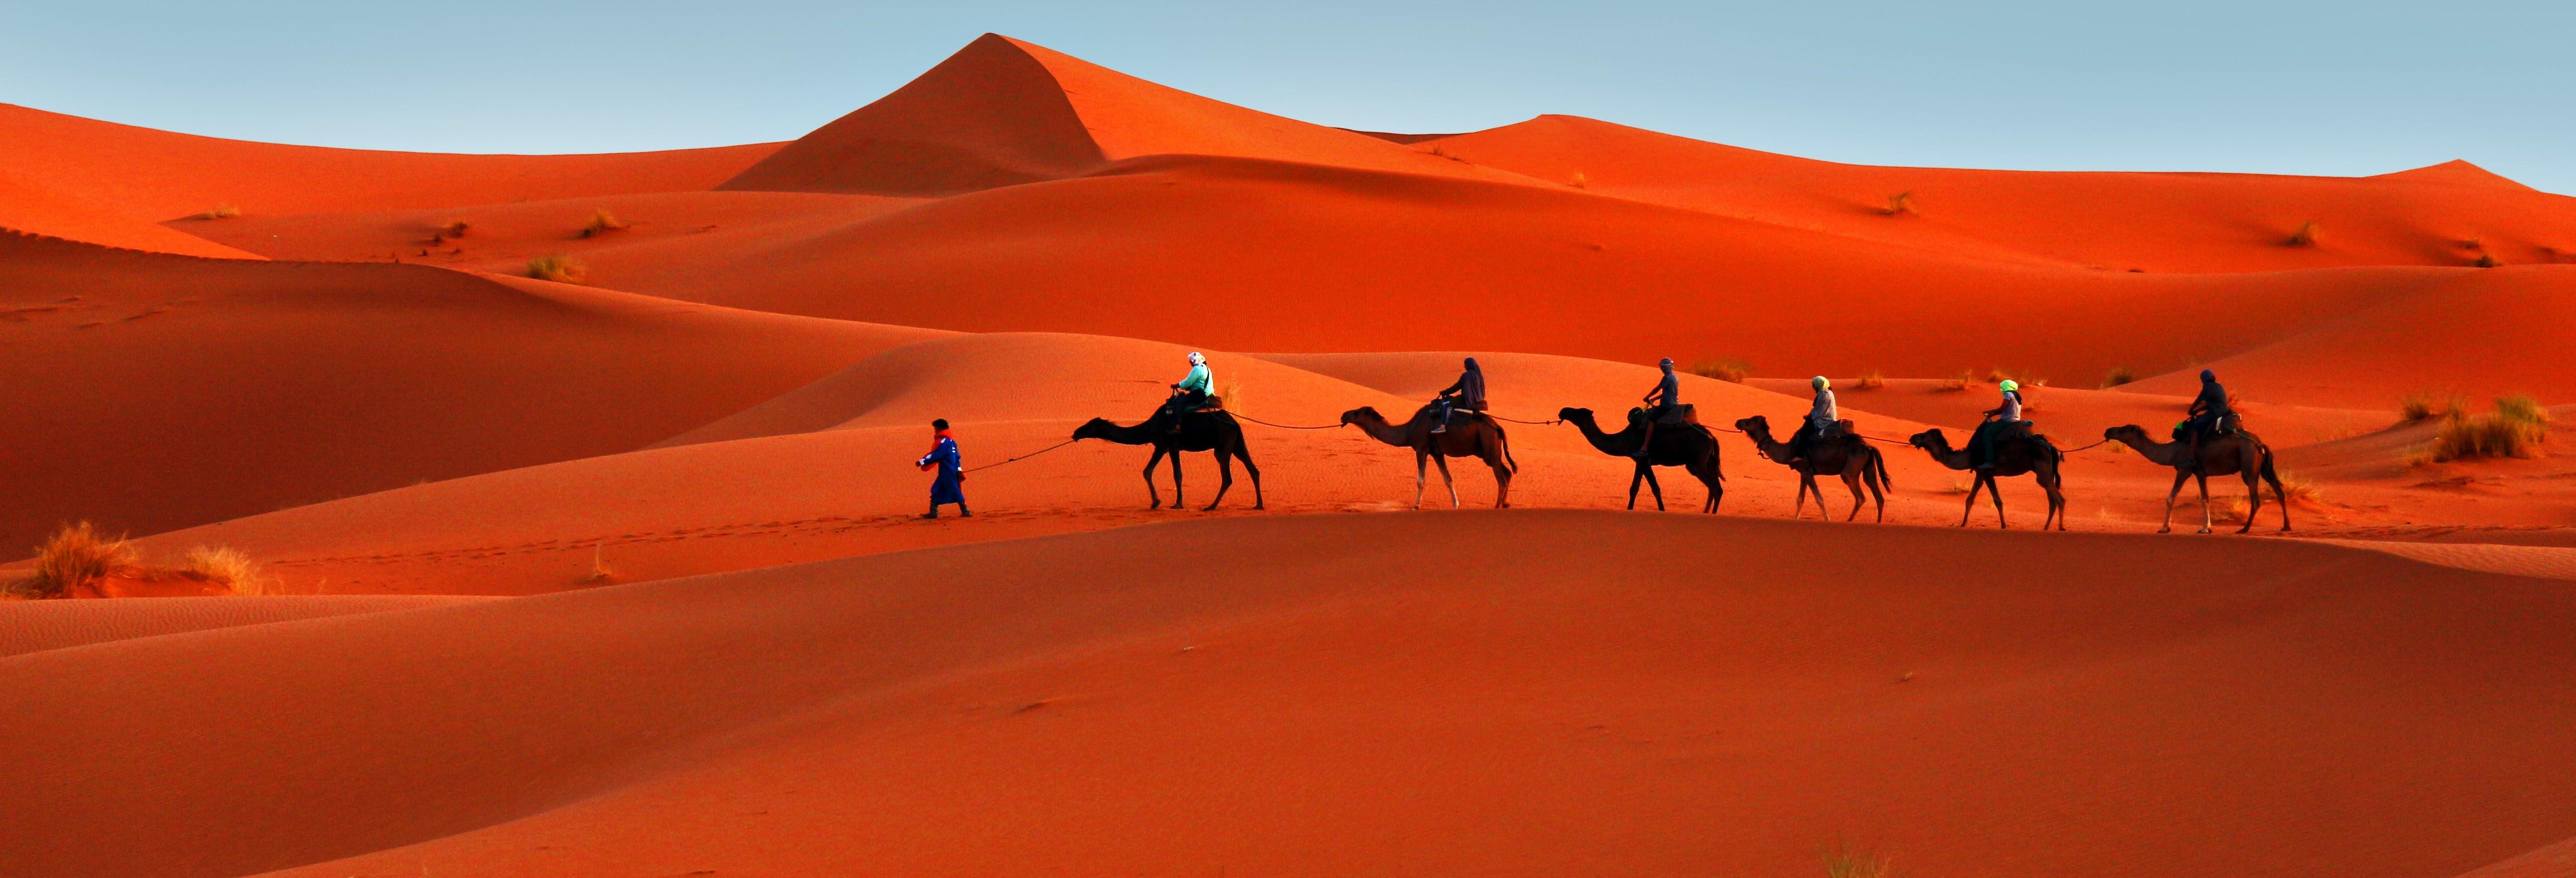 Excursión de 2 días al desierto de Merzouga